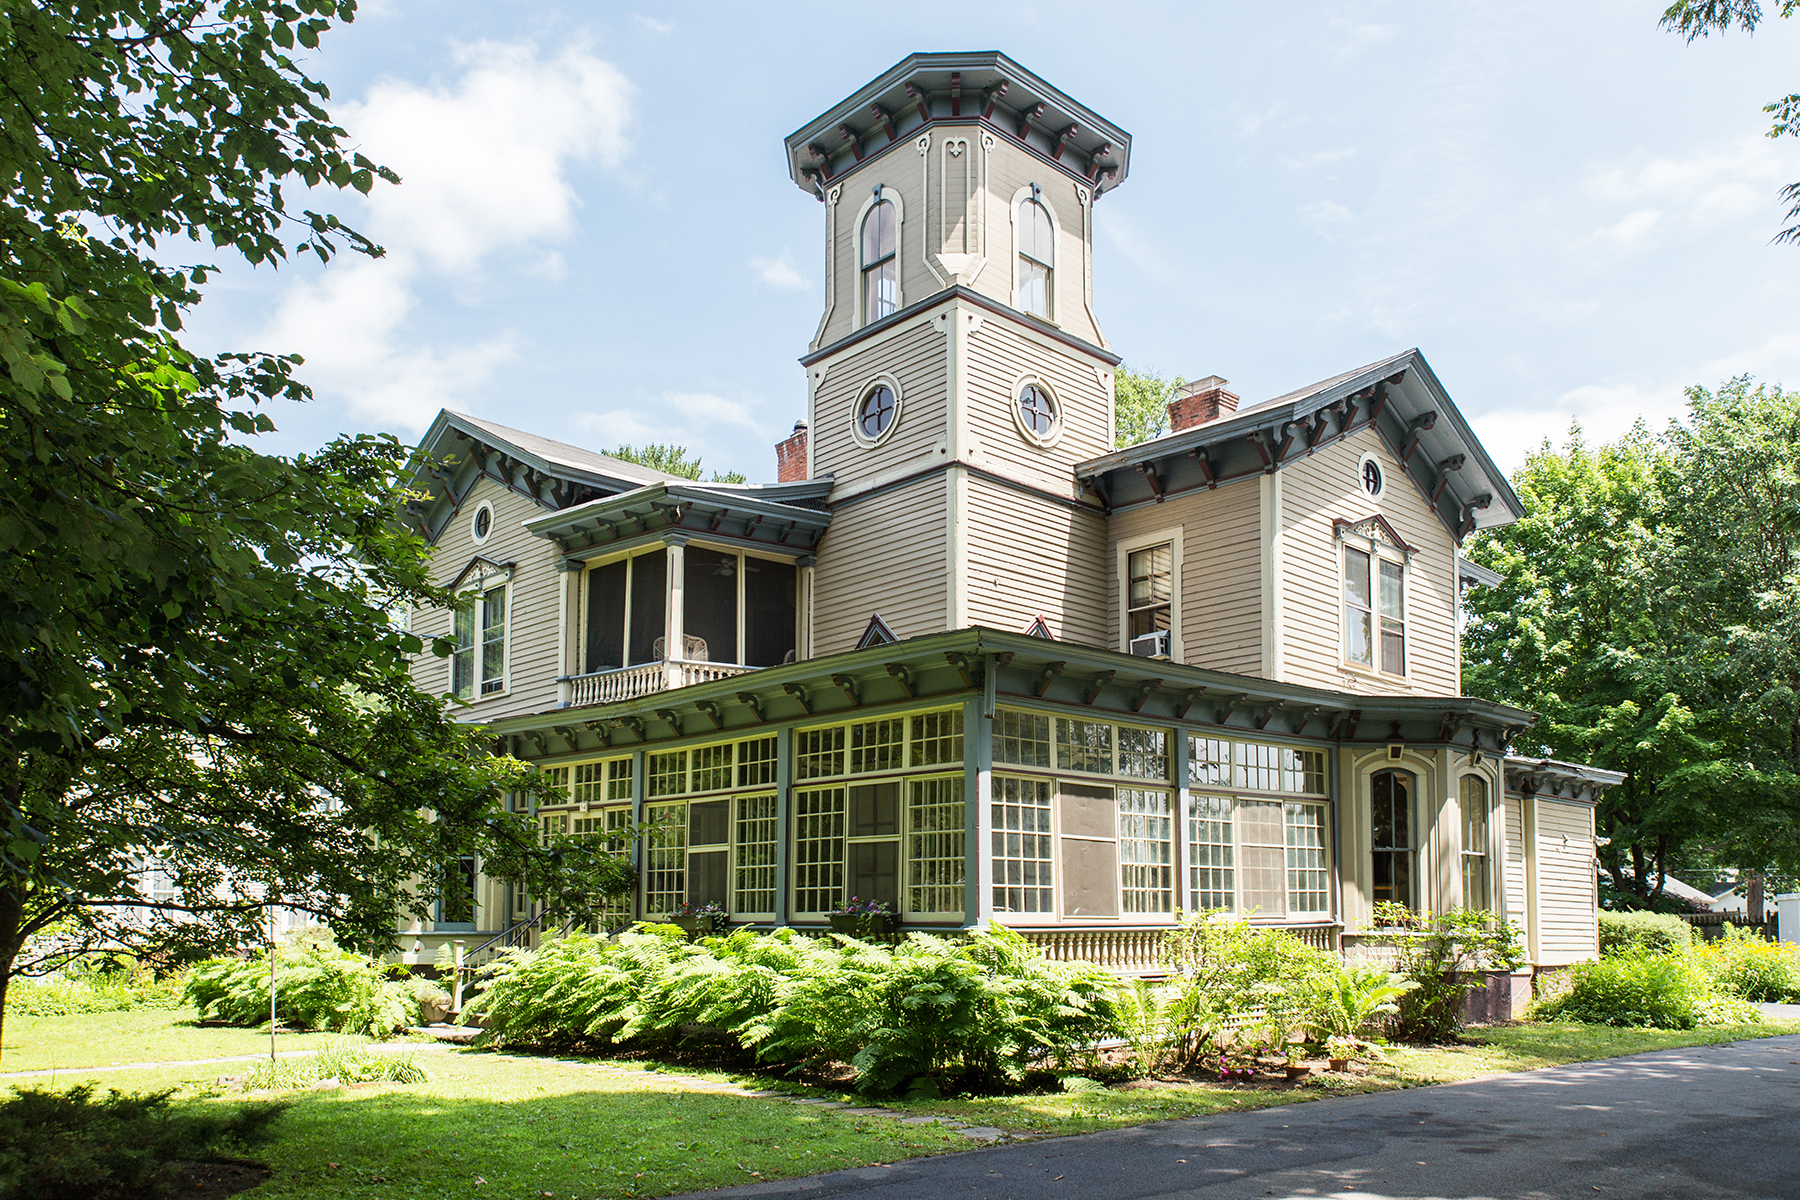 Mehrfamilienhaus für Verkauf beim Historic Italiante overlooking Congress Park 34 Circular Street Saratoga Springs, New York 12866 Vereinigte Staaten